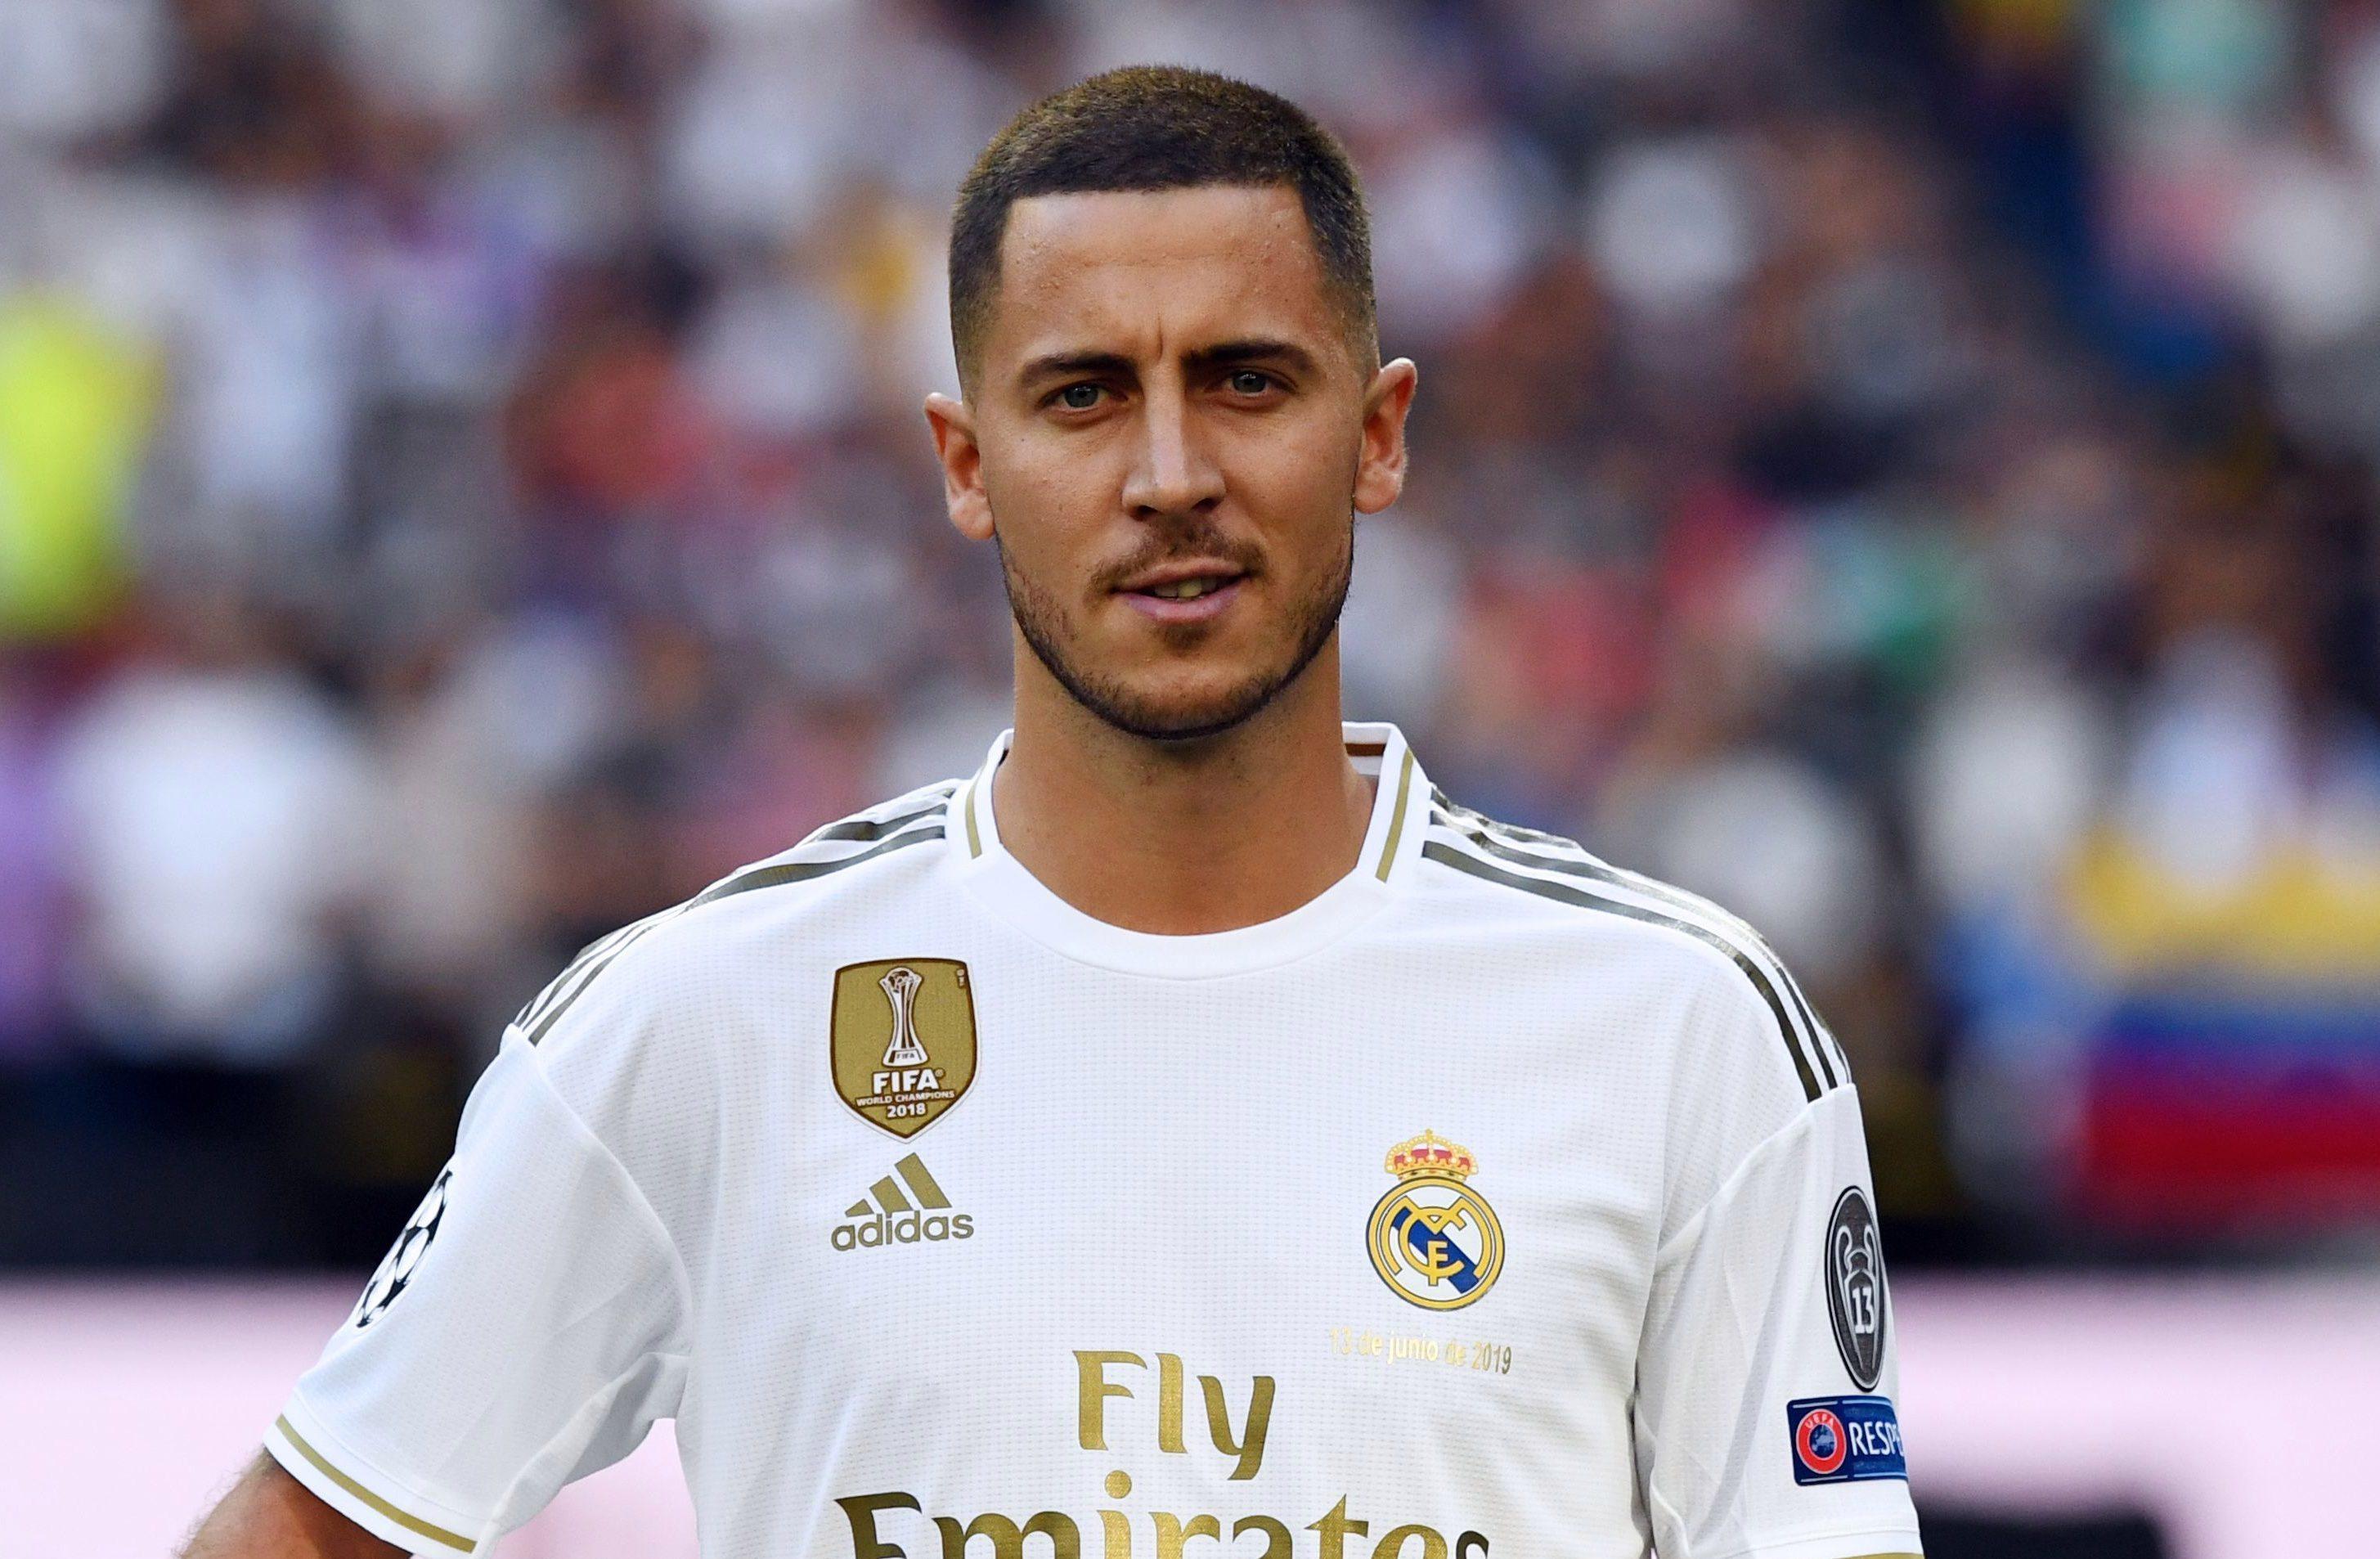 Tới Real, Hazard làm điều tàn nhẫn với Chelsea - Bóng Đá